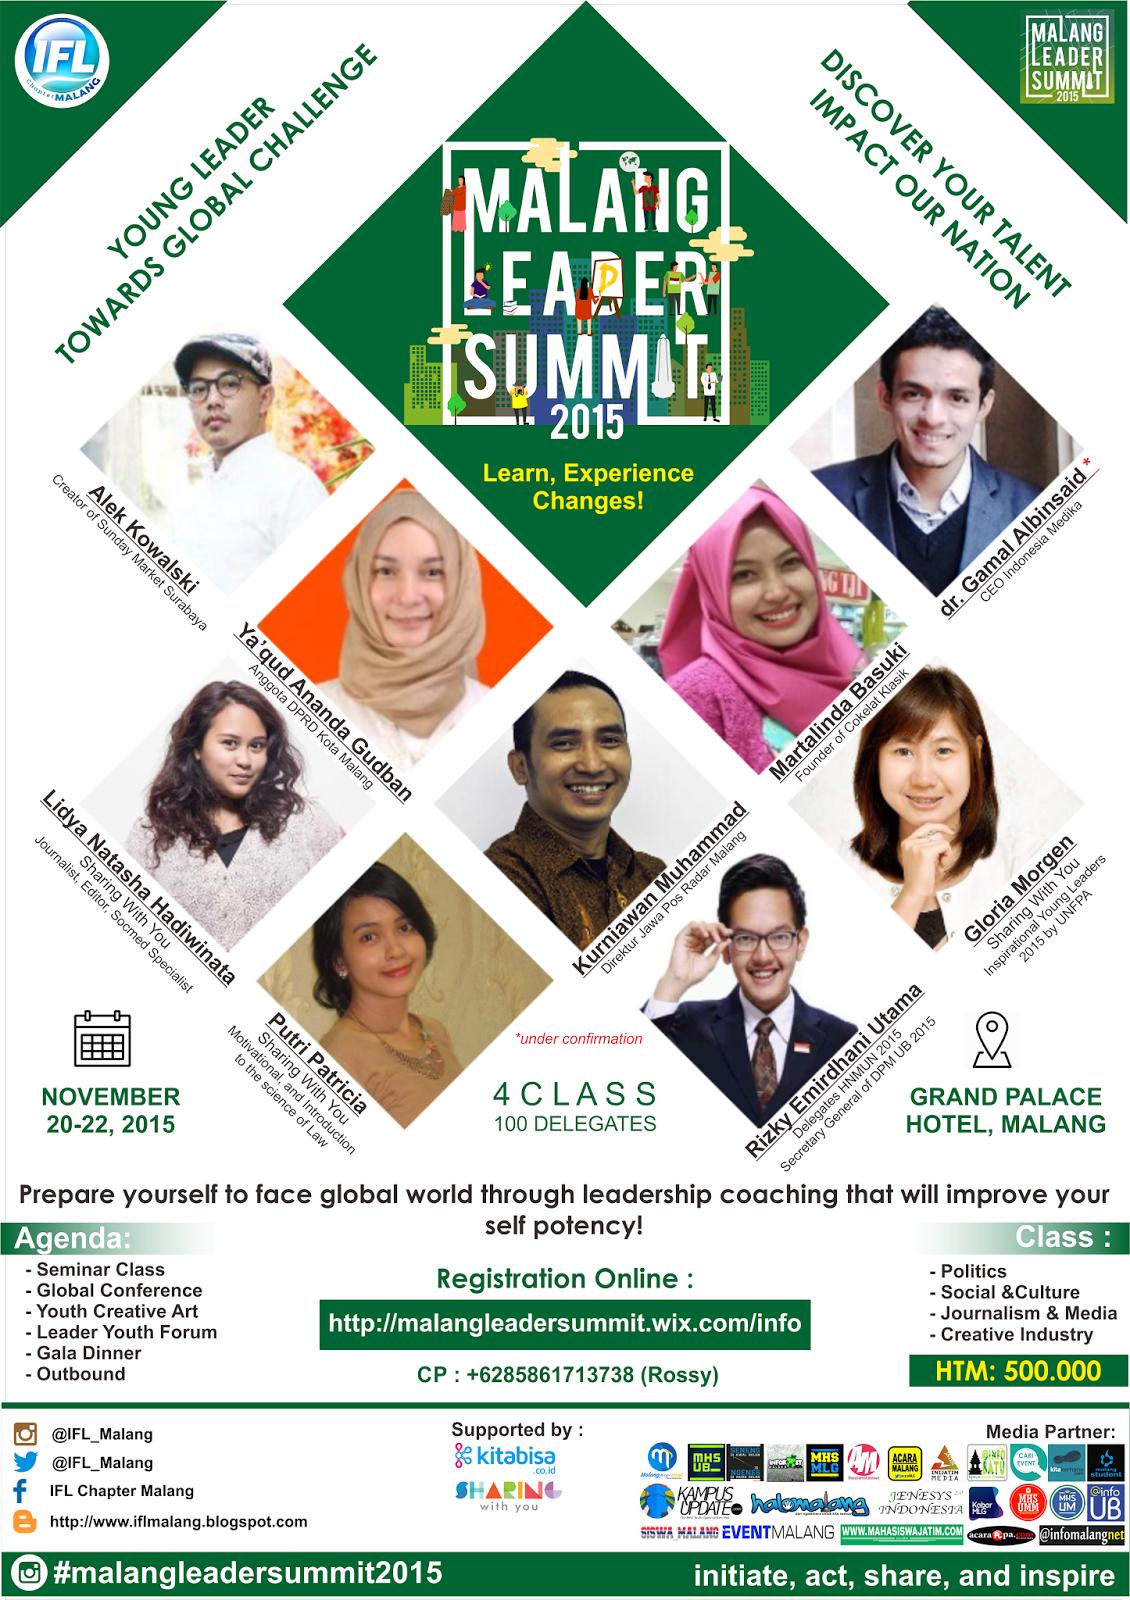 Poster Malang Leader Summit 2015